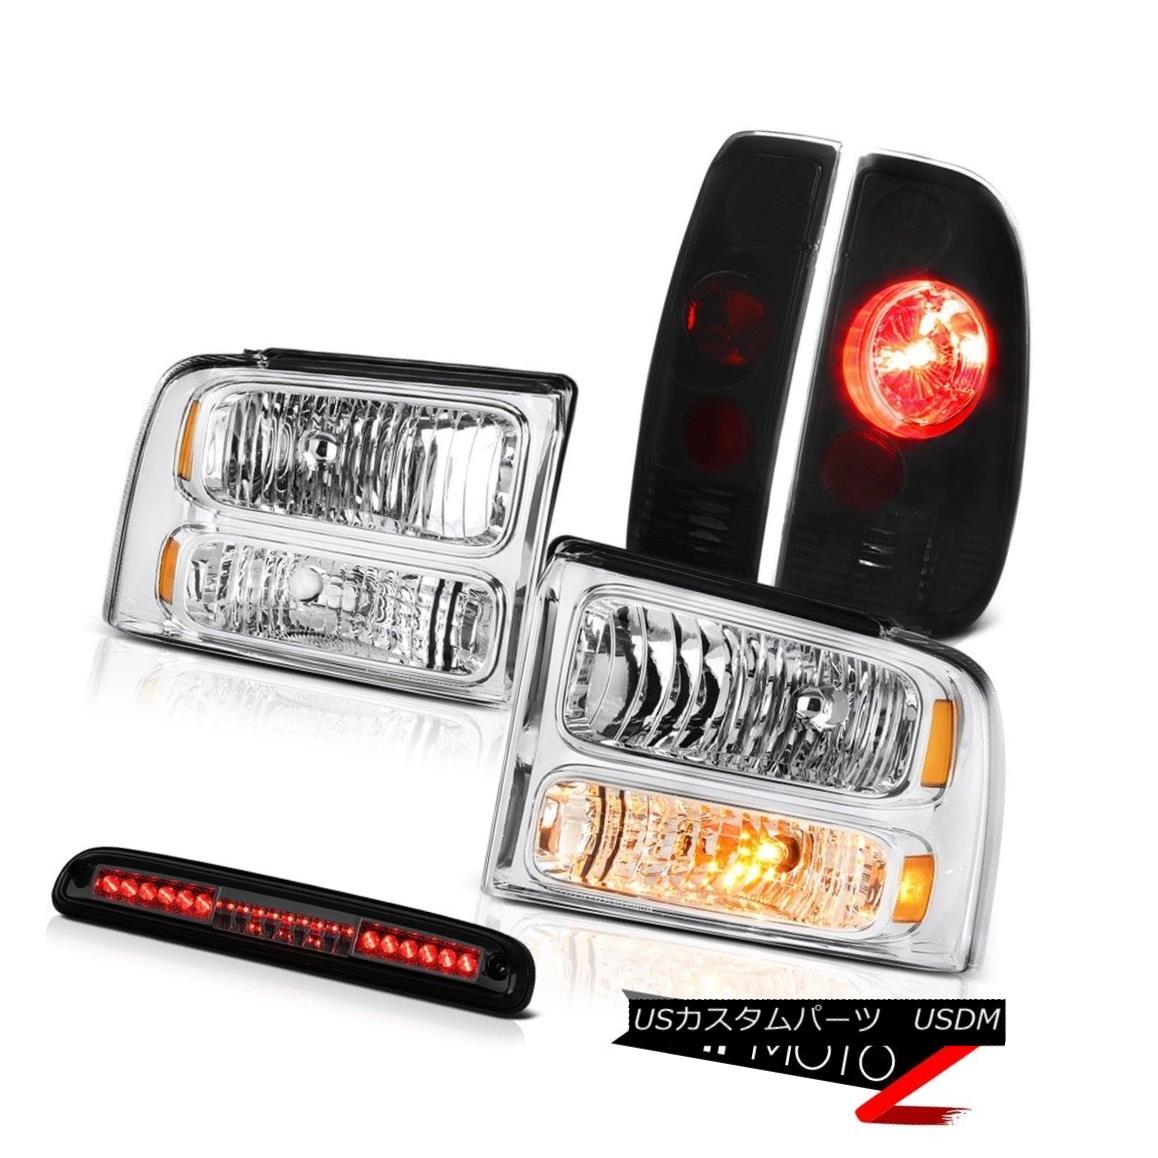 テールライト 05-07 F250 6.8L Chrome Headlights Altezza Darkest Tail Lights Tint 3rd Brake LED 05-07 F250 6.8LクロームヘッドライトAltezza DarkestテールライトTint 3rd Brake LED